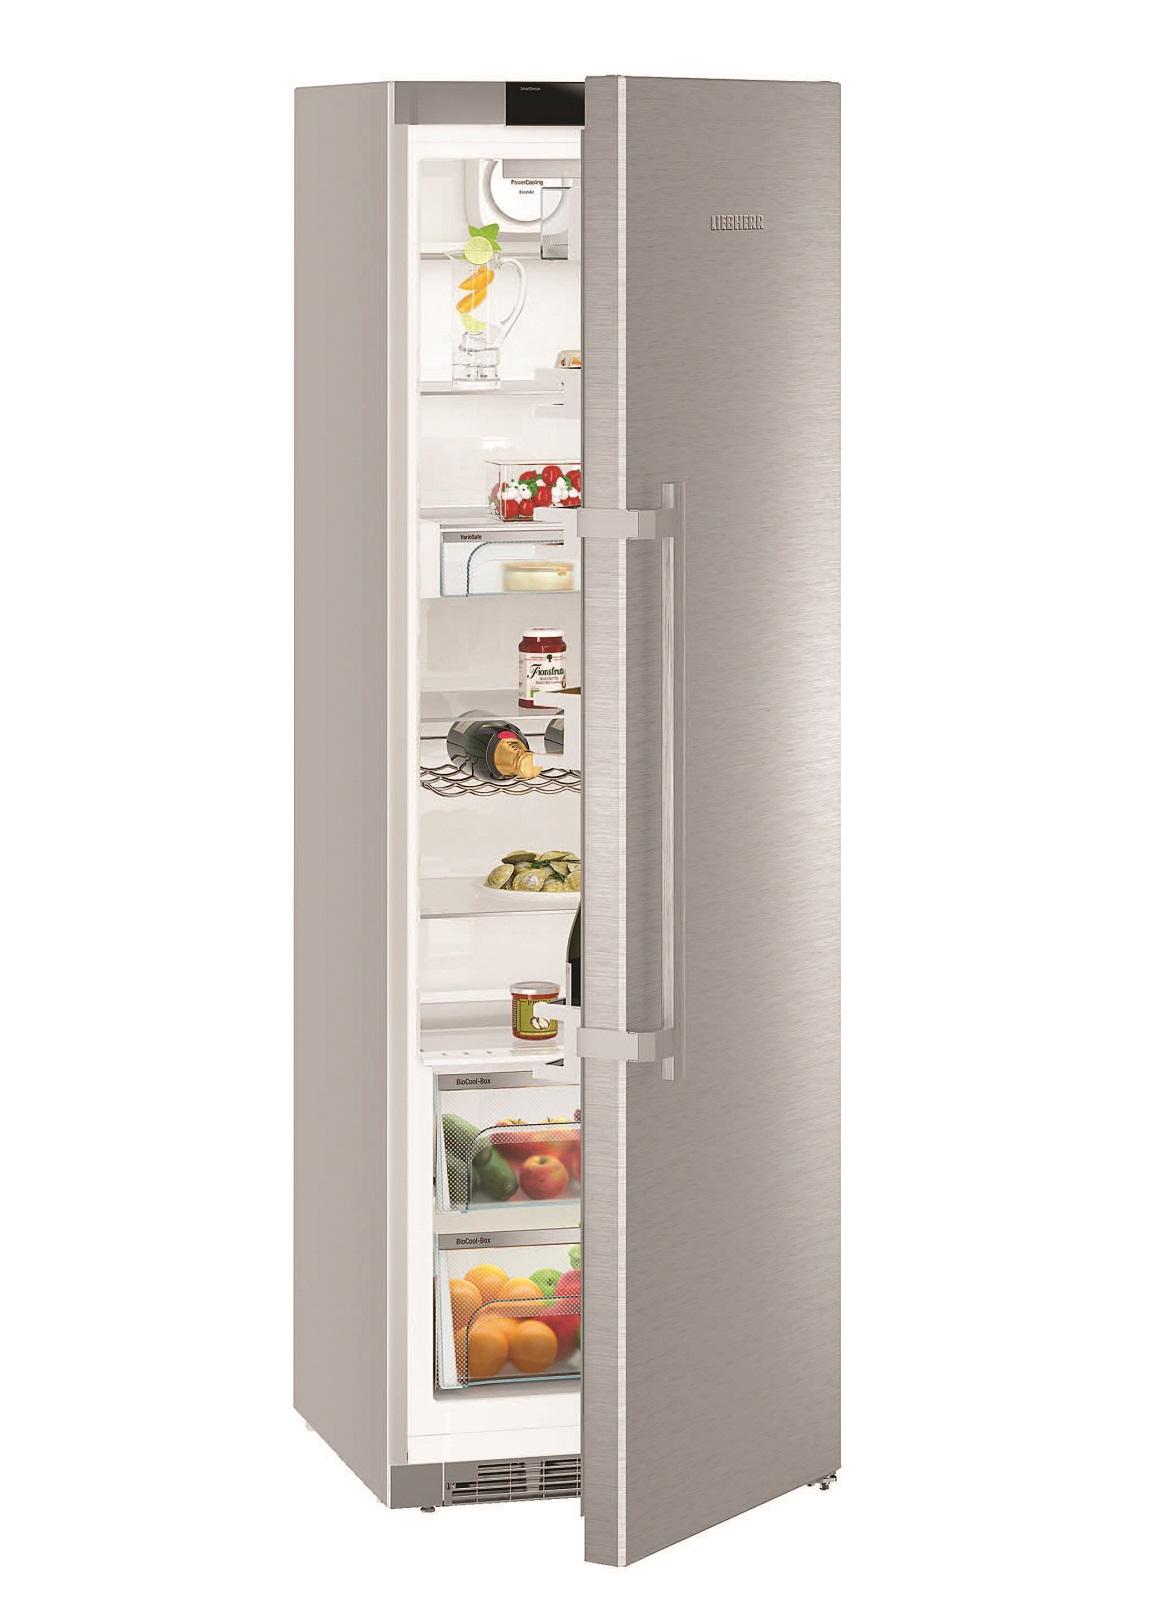 купить Однокамерный холодильник Liebherr Kef 4370 Украина фото 2